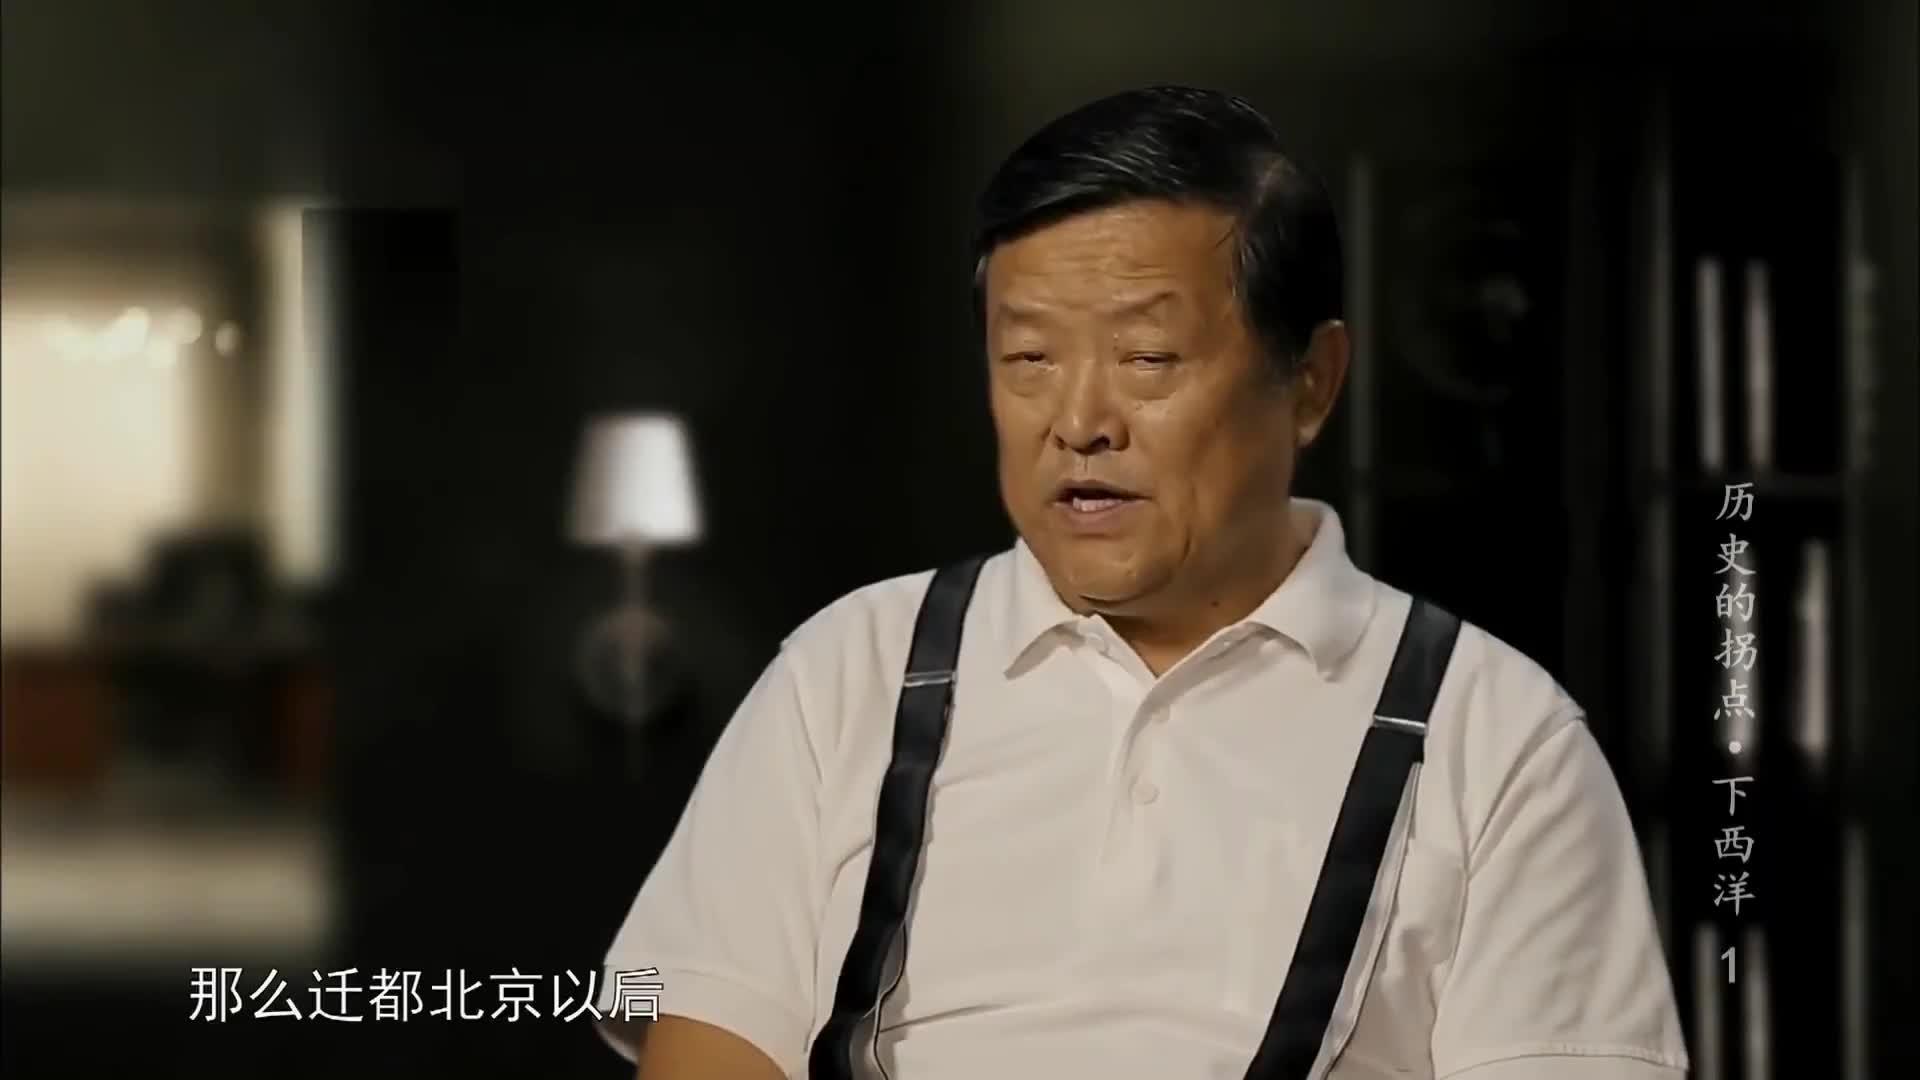 下西洋第一集(2)朱棣夺位登基,开创永乐朝